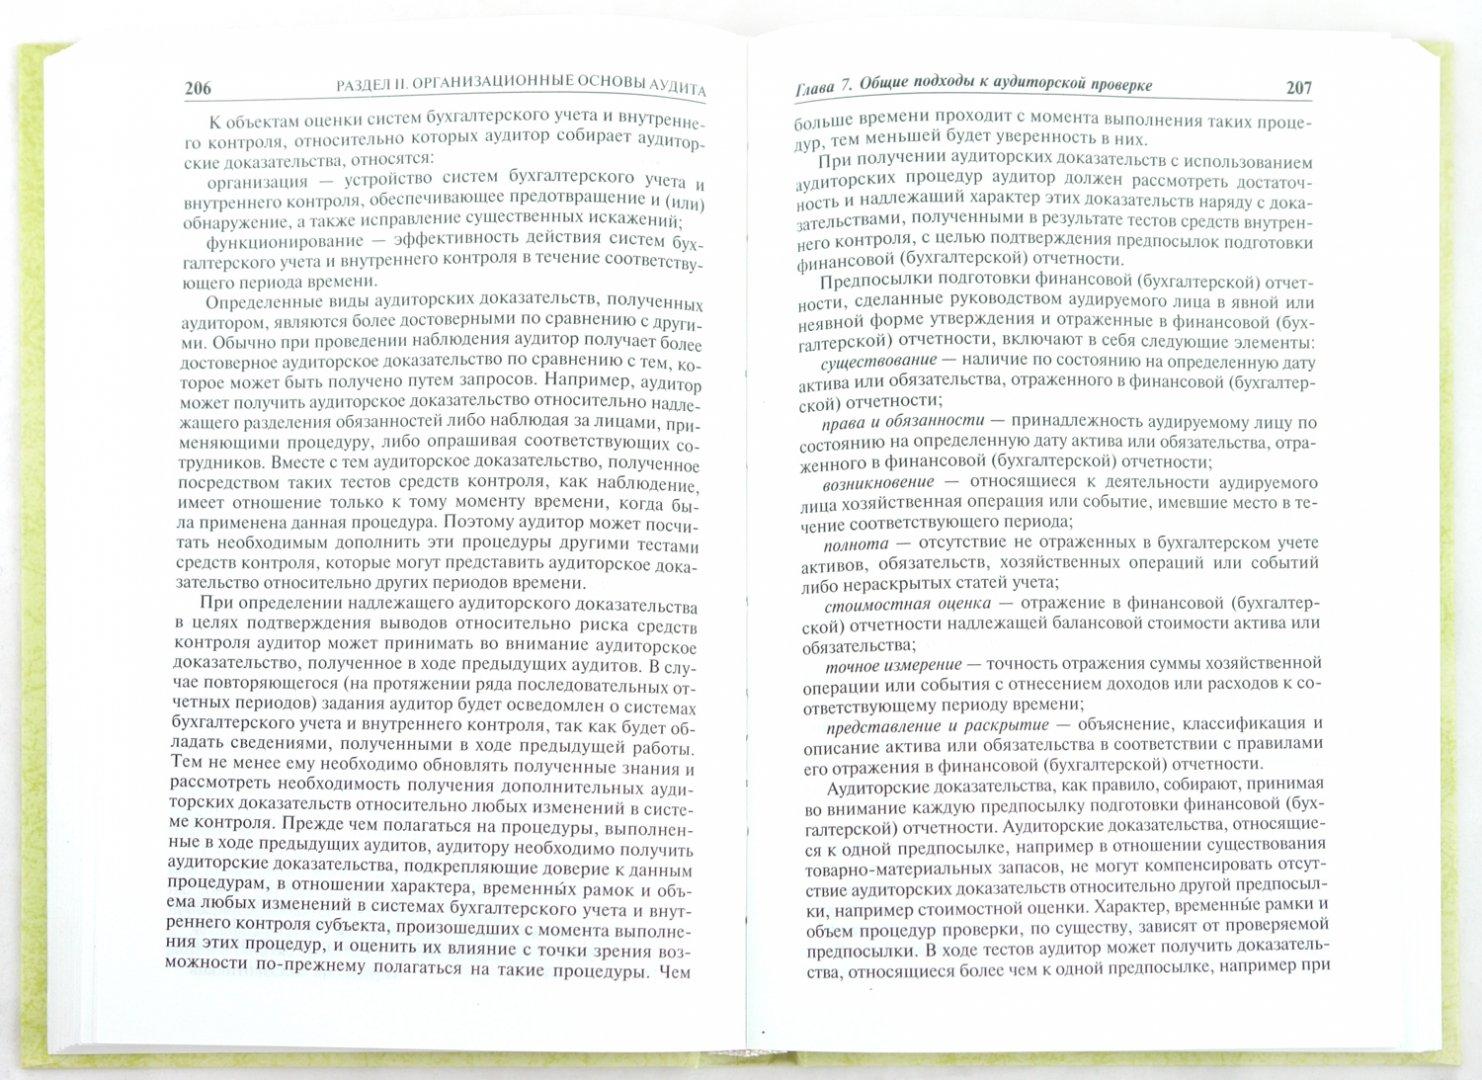 Иллюстрация 1 из 8 для Аудит [Учебник] 5-е издание - Суйц, Шеремет | Лабиринт - книги. Источник: Лабиринт